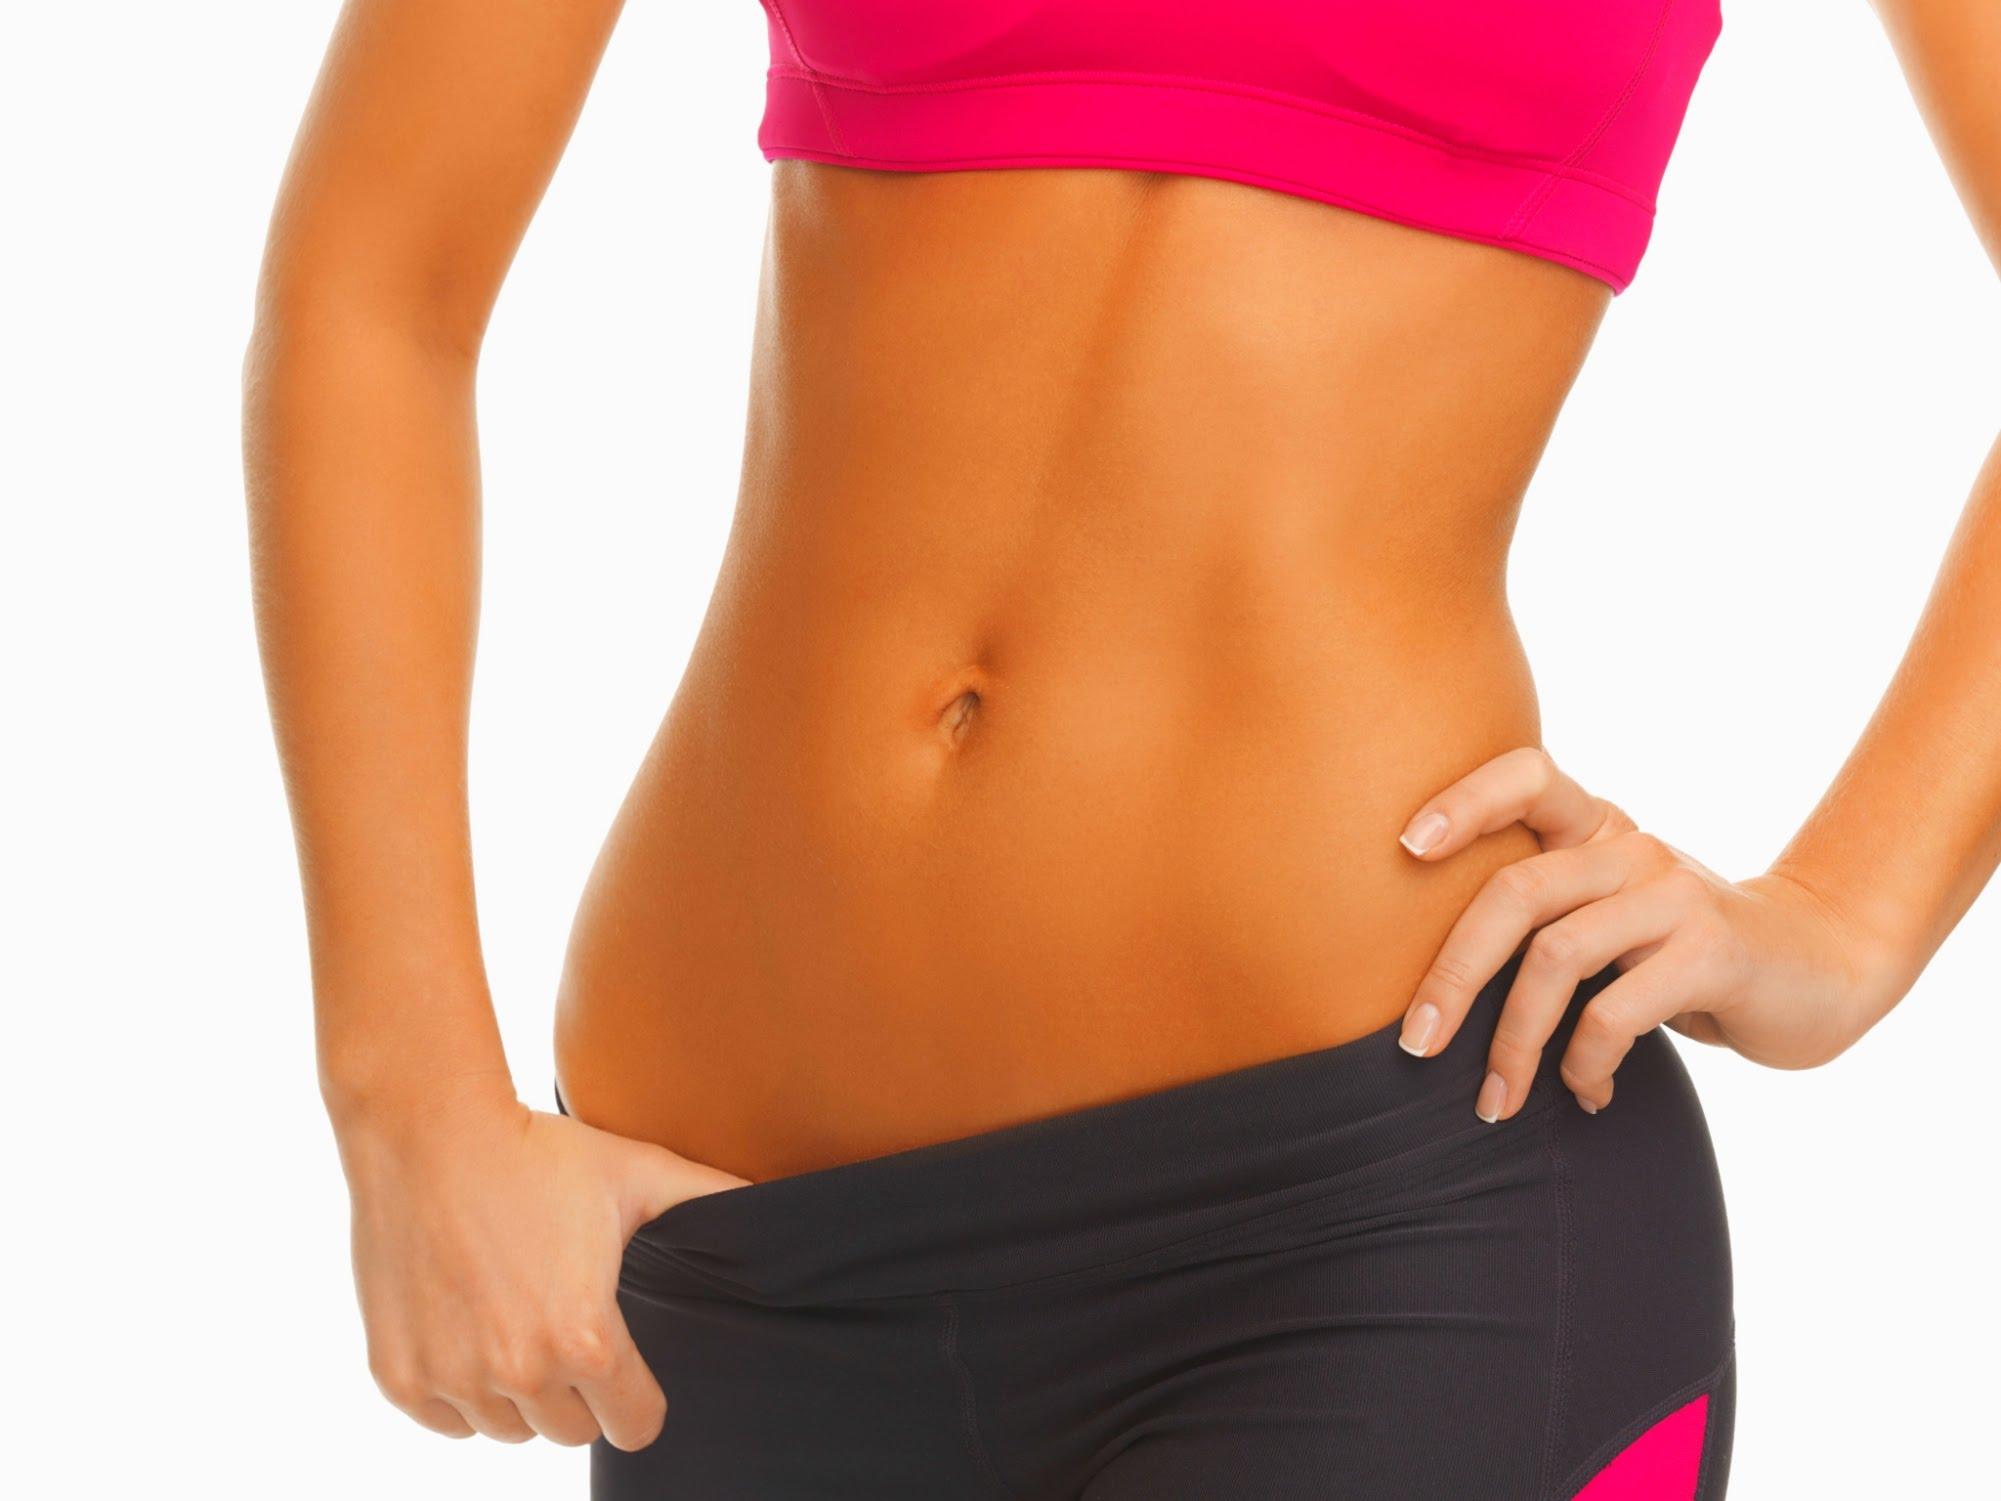 обертывание для похудения живота рецепты